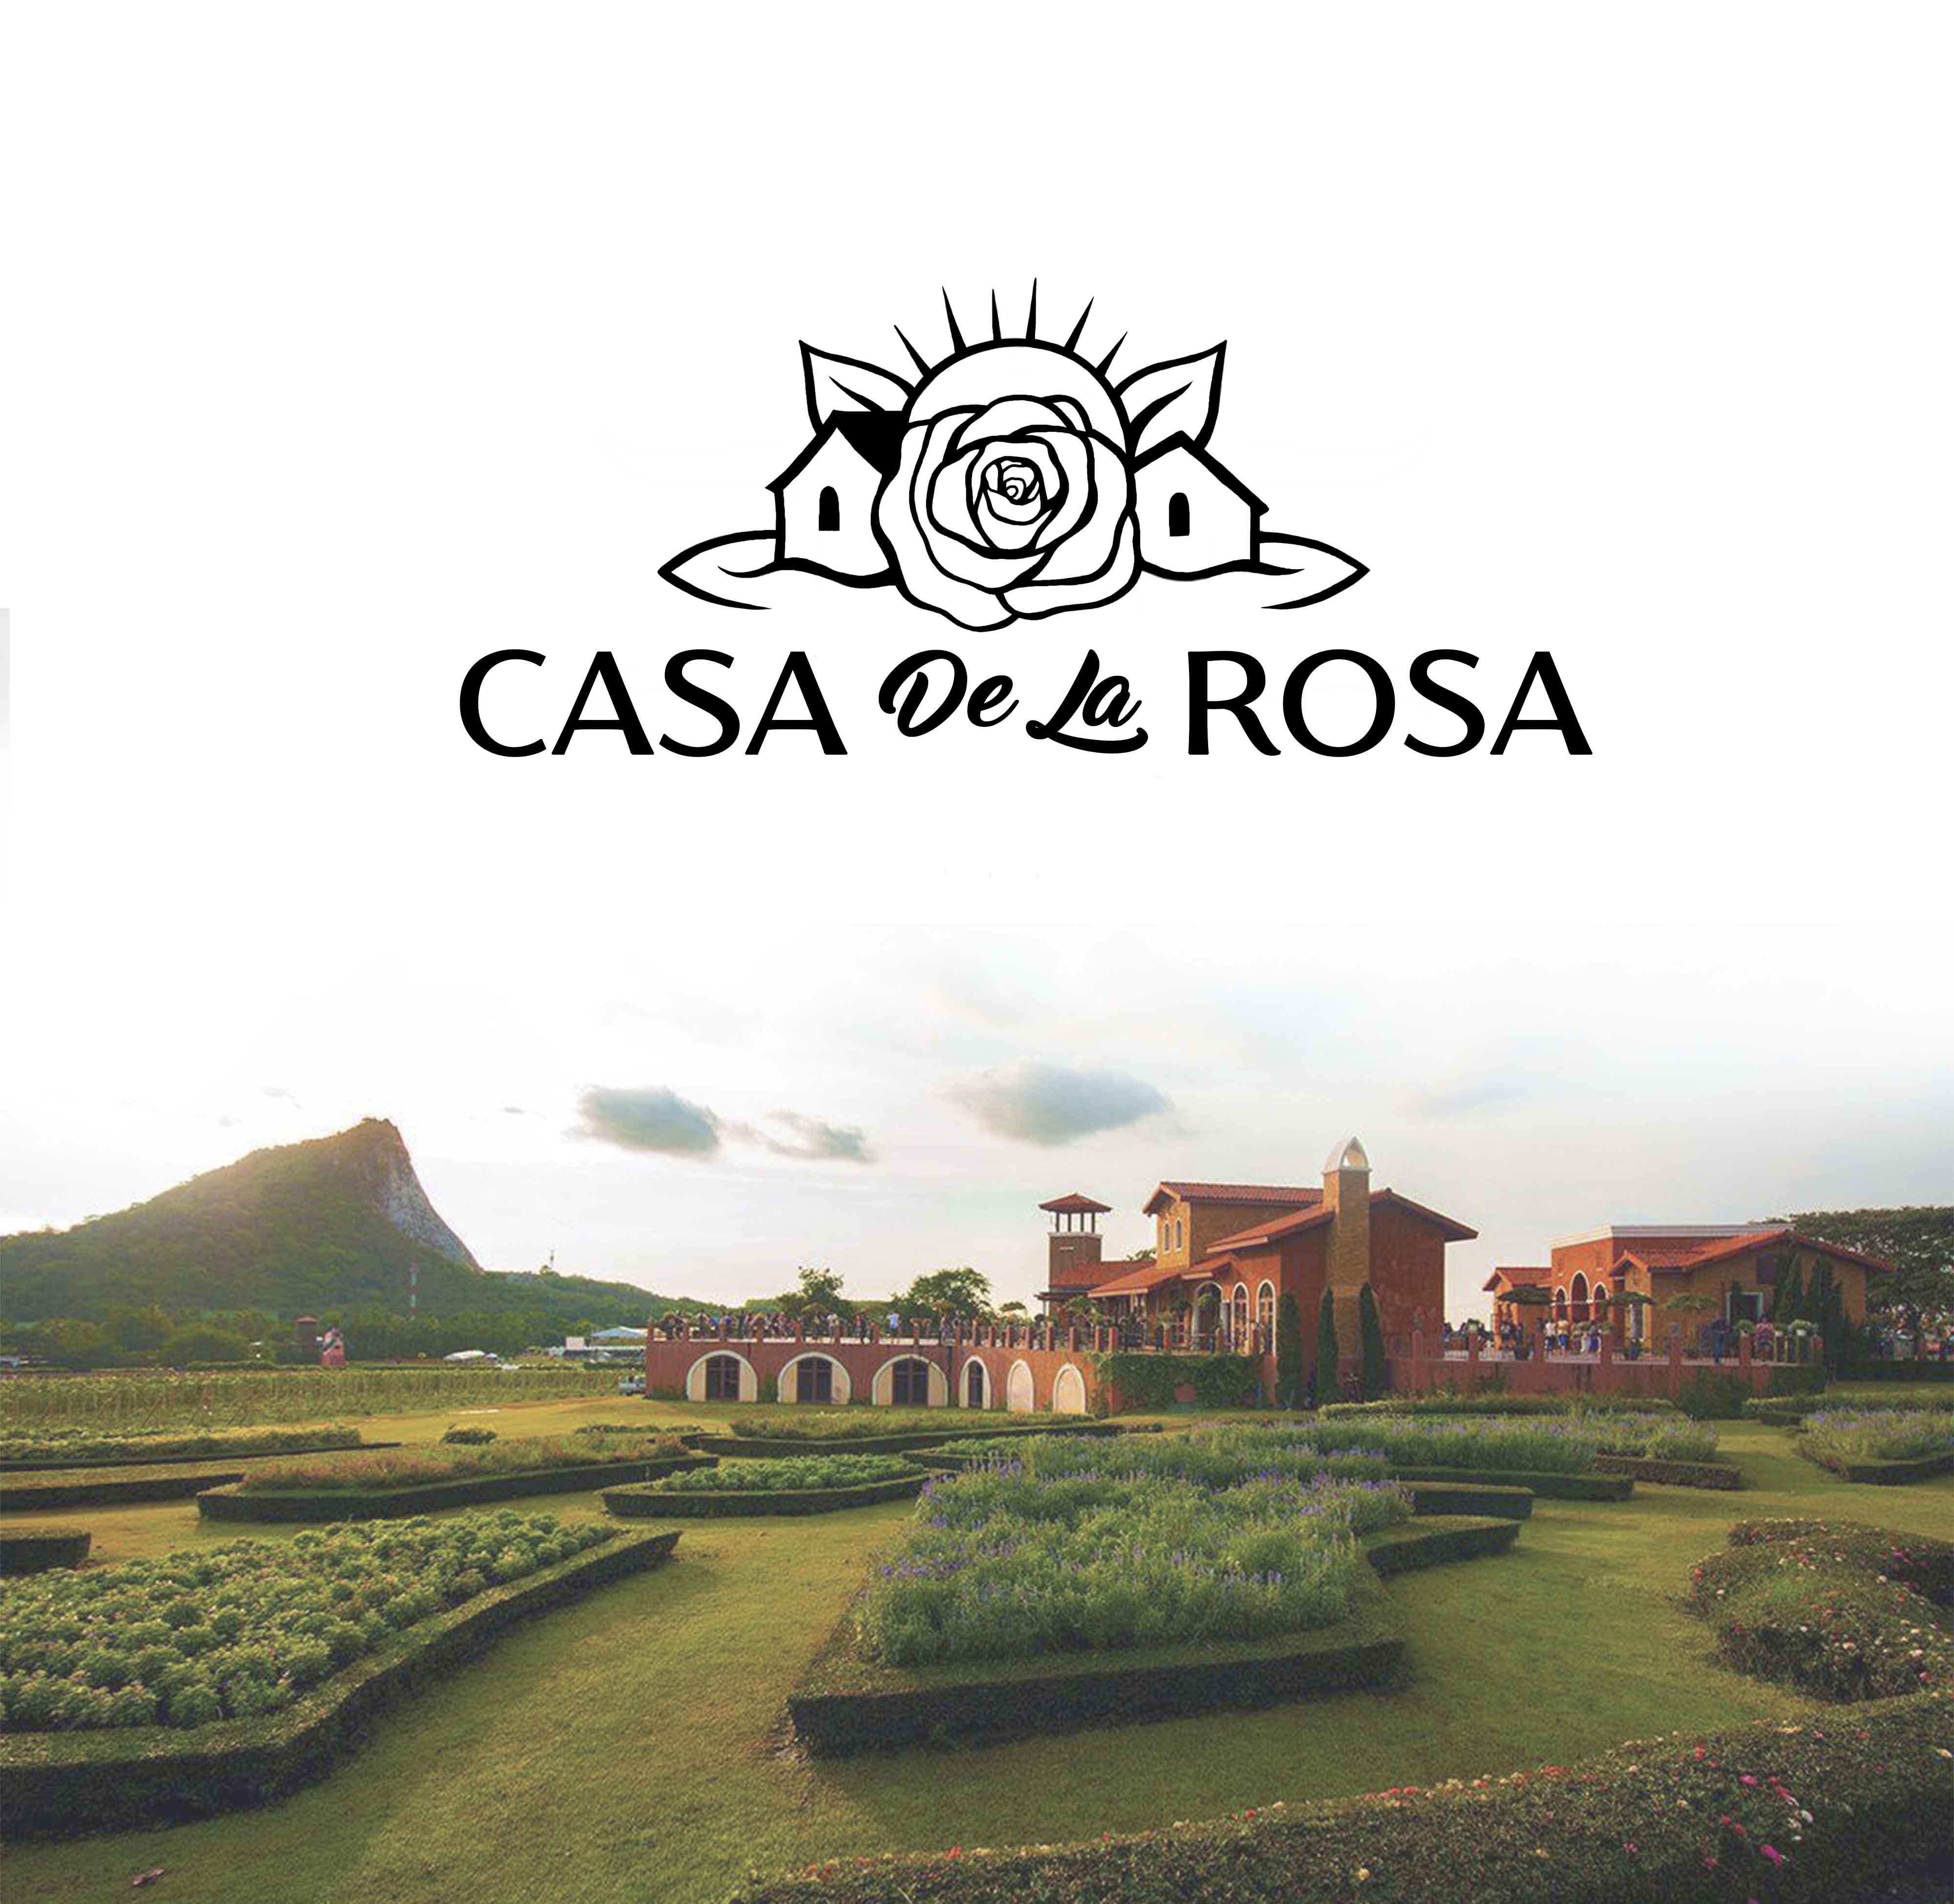 Логотип + Фирменный знак для элитного поселка Casa De La Rosa фото f_6865cd363e5a62b9.jpg